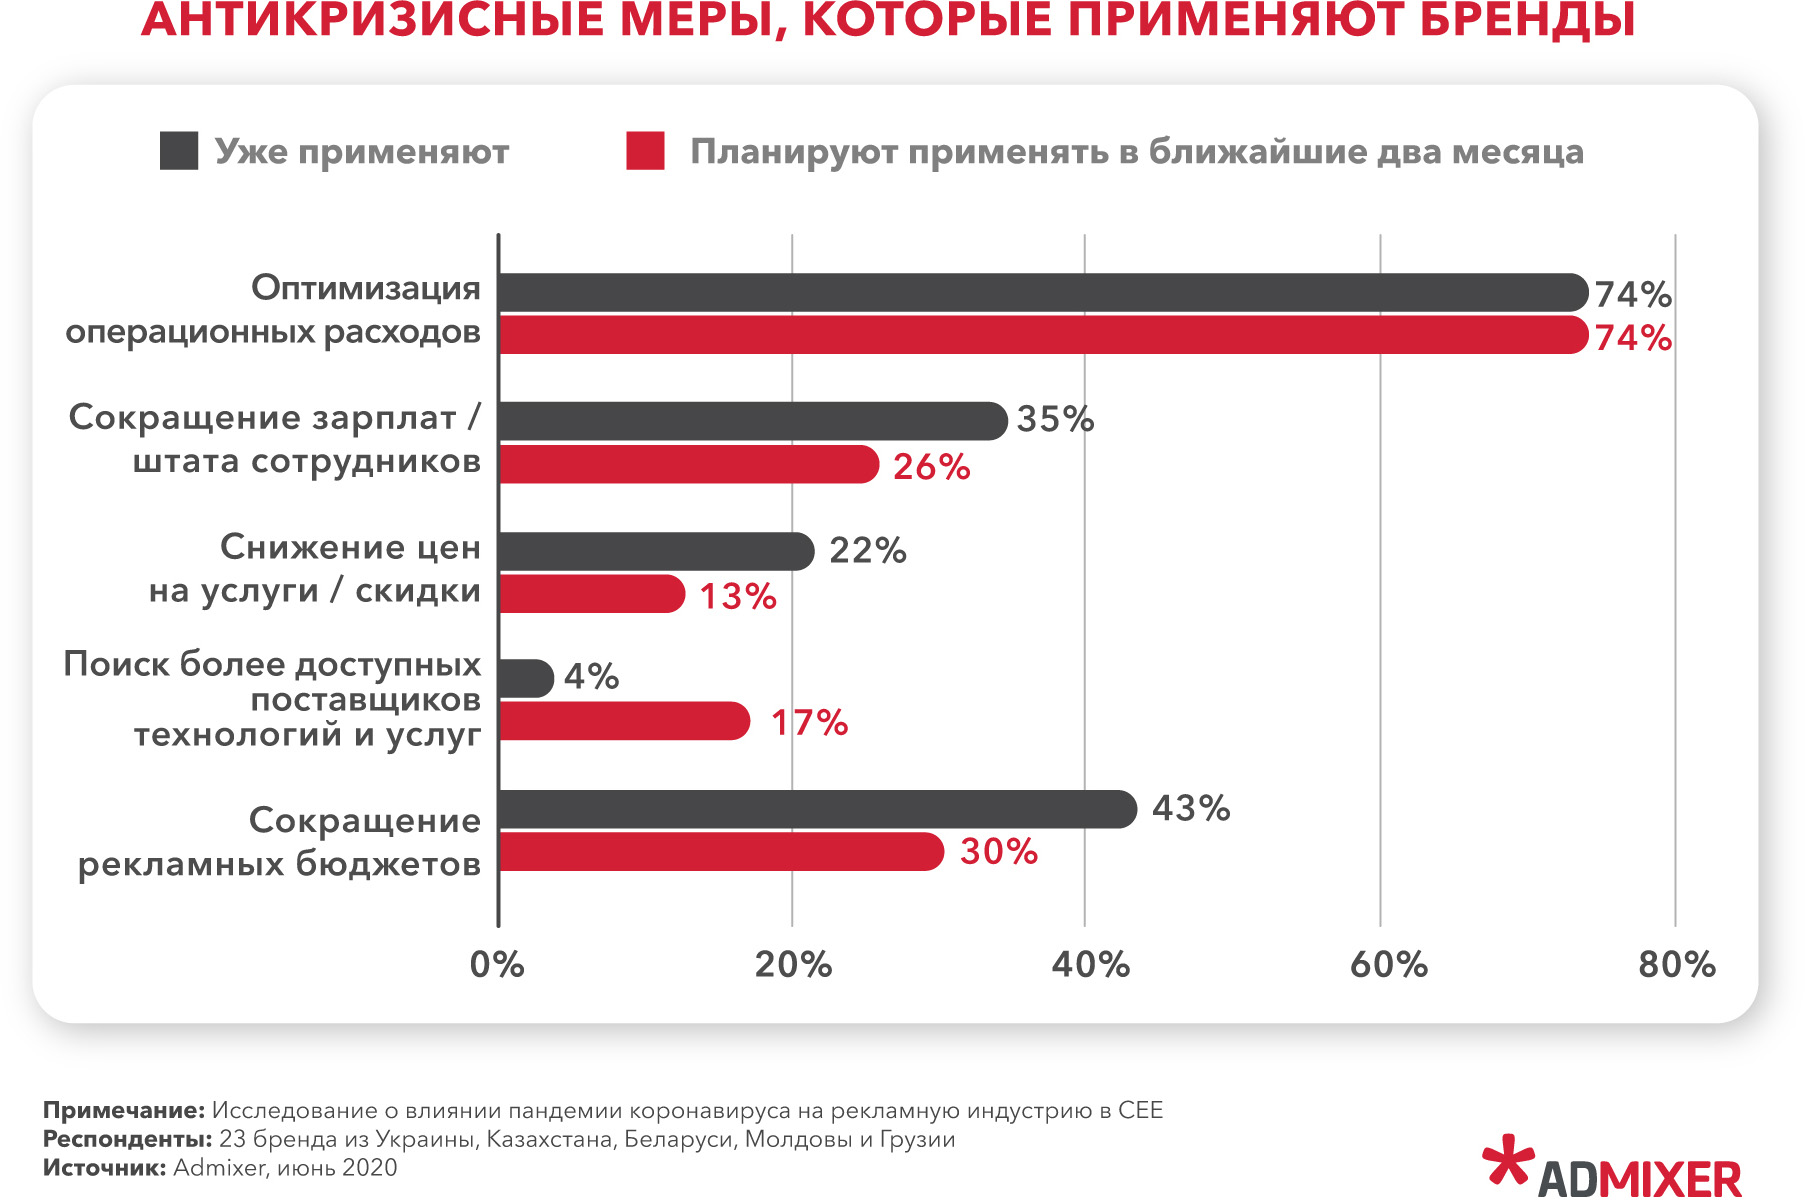 Около 70% среди агентств и брендов снизили операционные расходы.